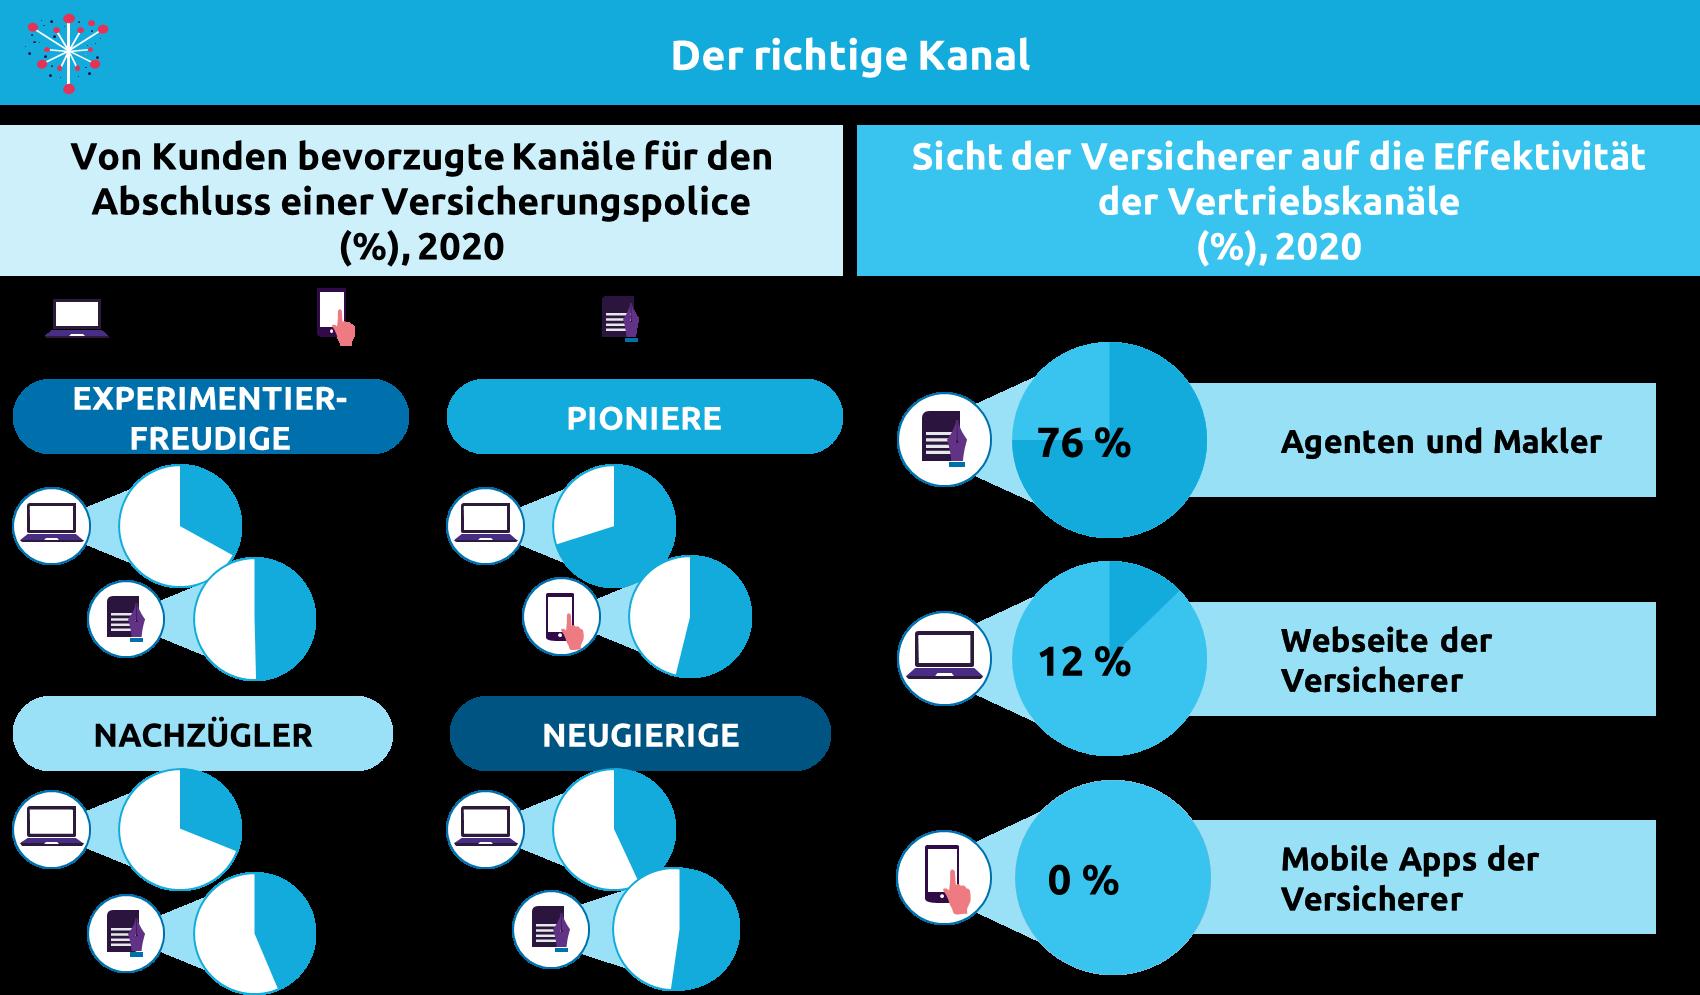 Abb. 3: Bevorzugte Kundenkanäle bei Versicherungsabschluss und Sicht der Versicherer zur Effektivität der Kanäle (DACH-Region)